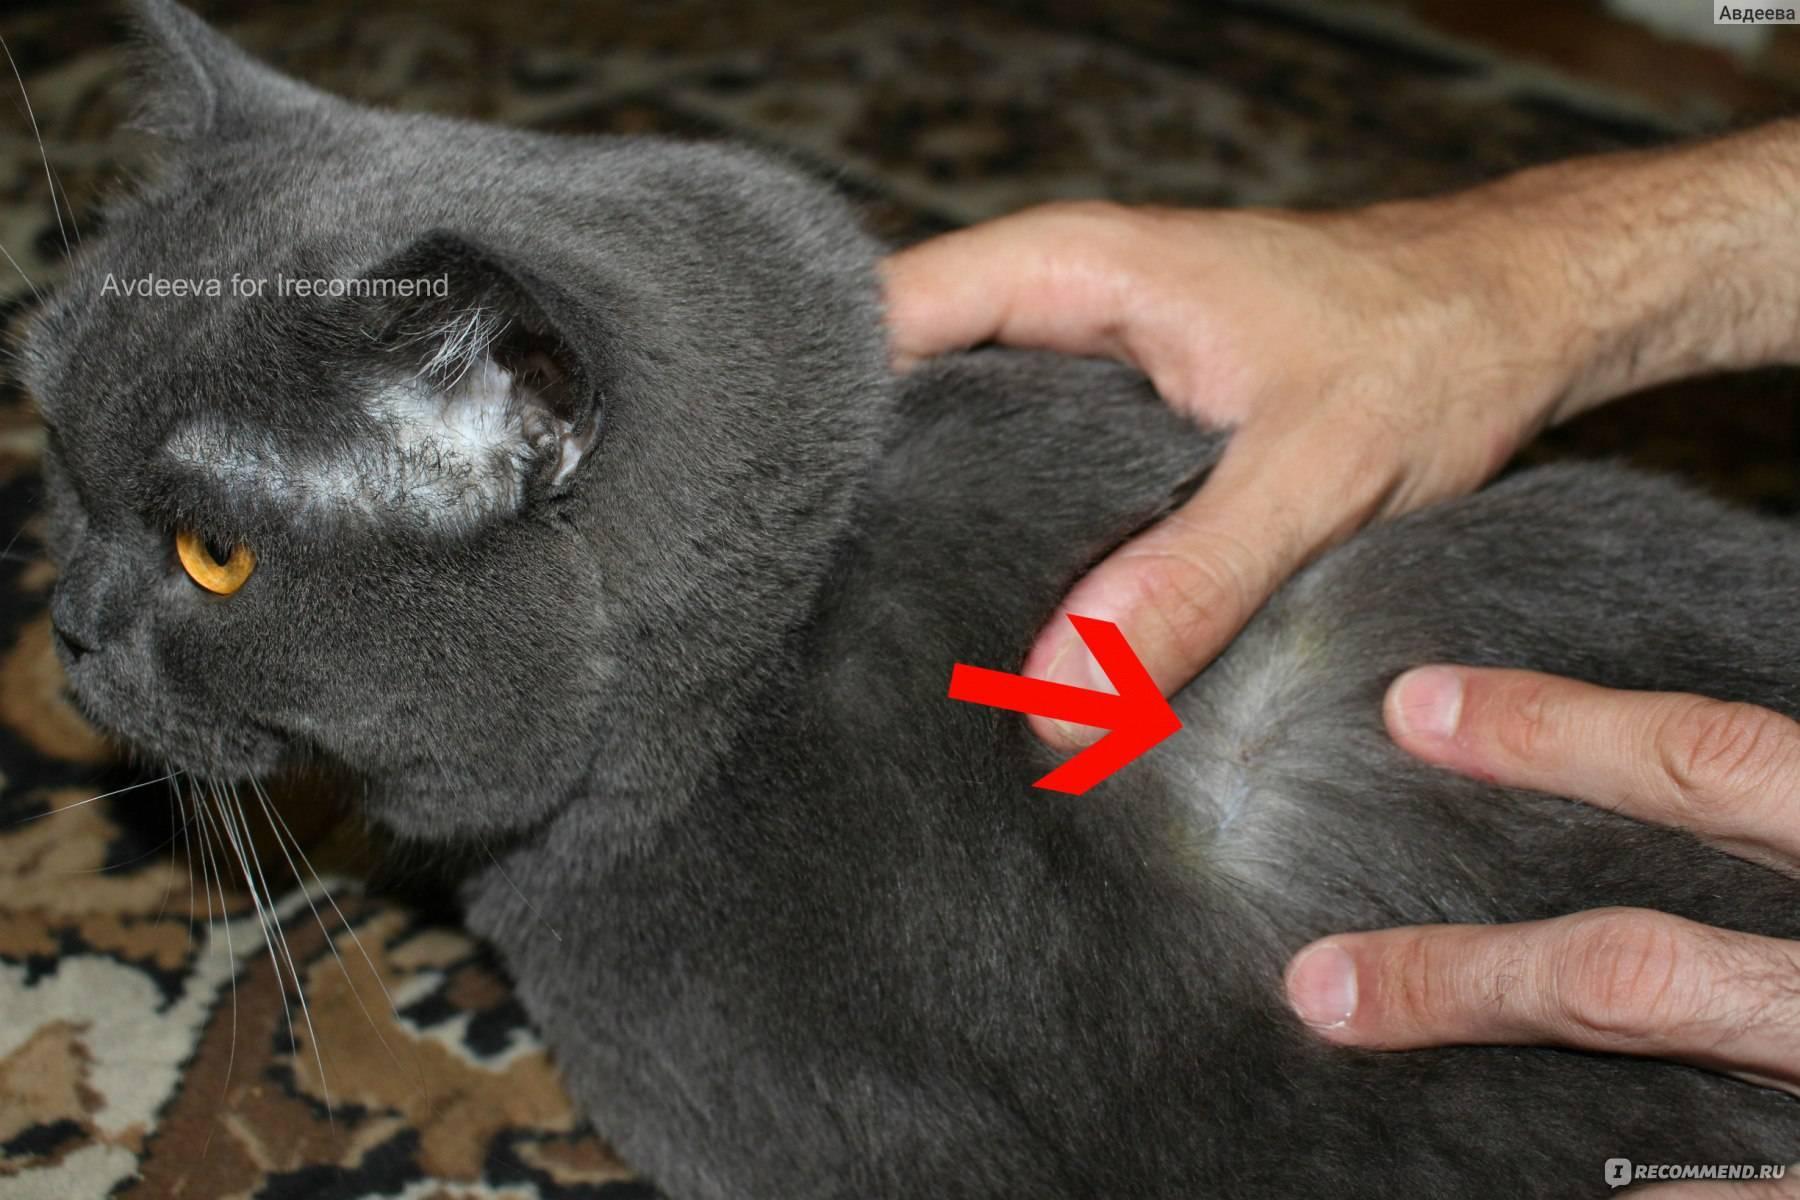 Чипирование кошек: необходимость или каприз?